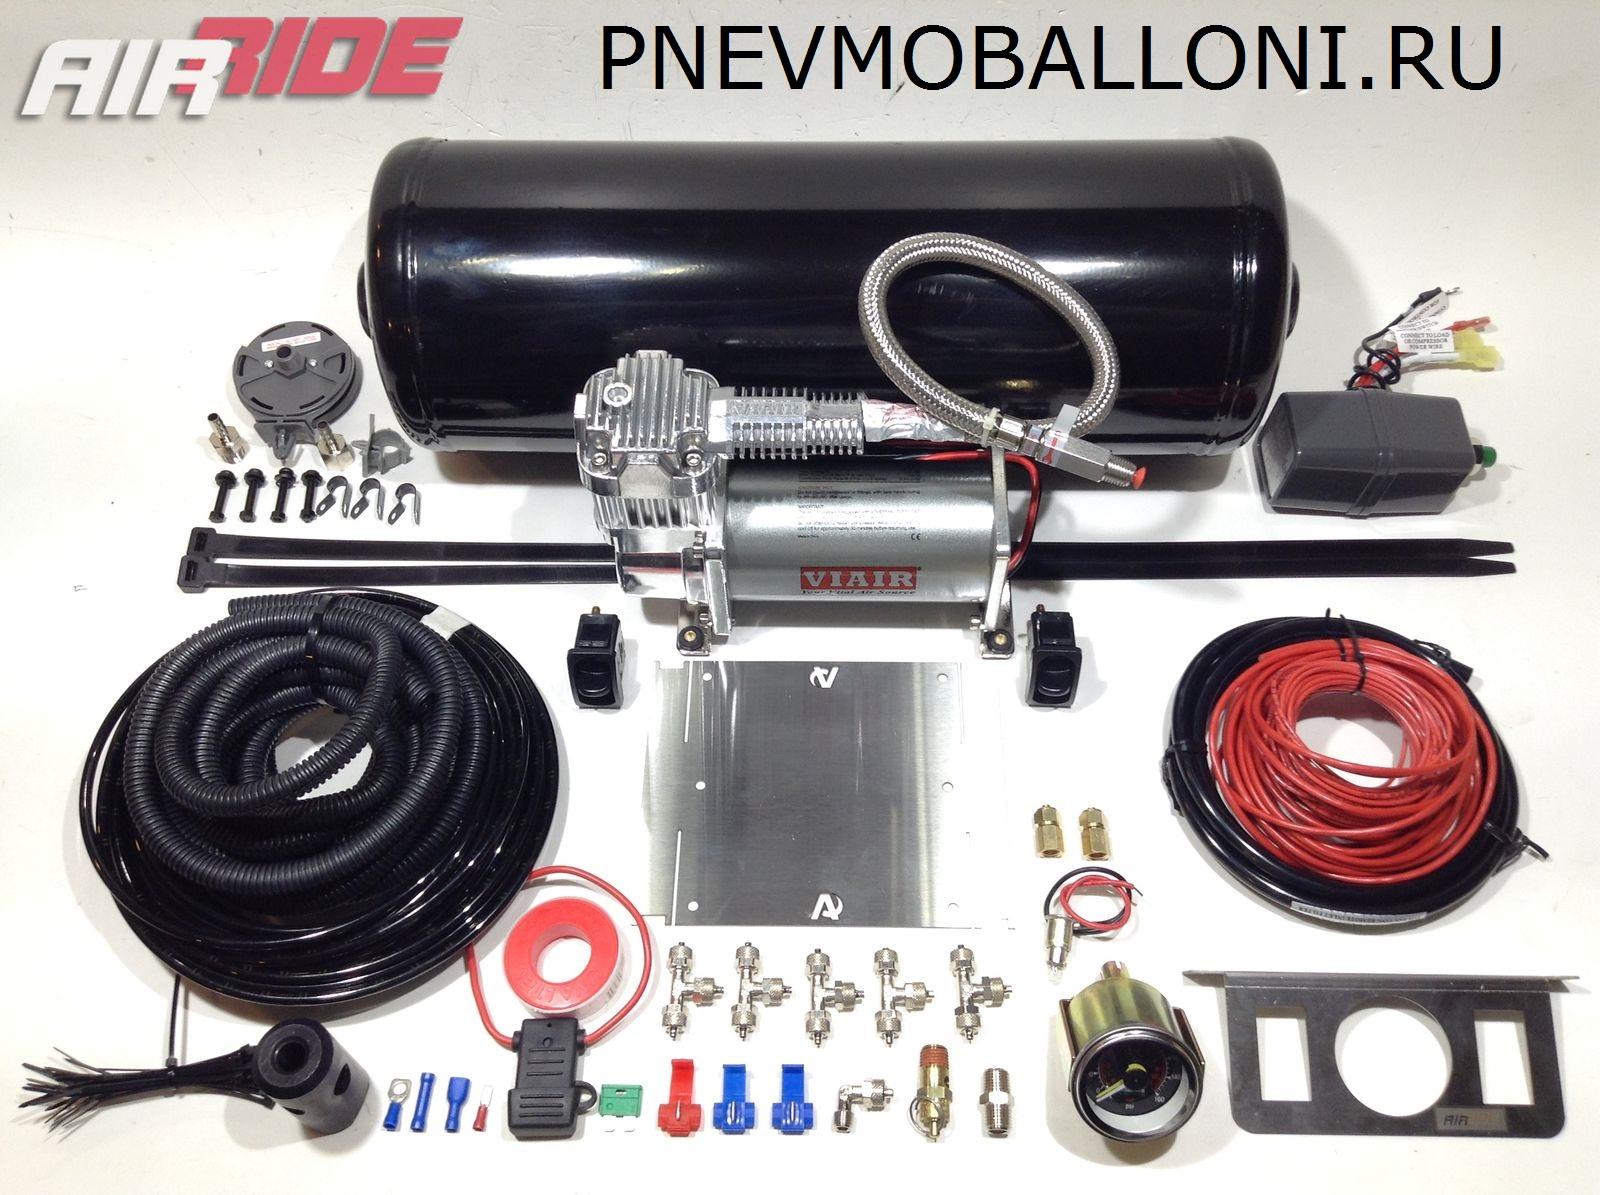 901006-20000-pnevmoballoni.ru3_2_.jpg